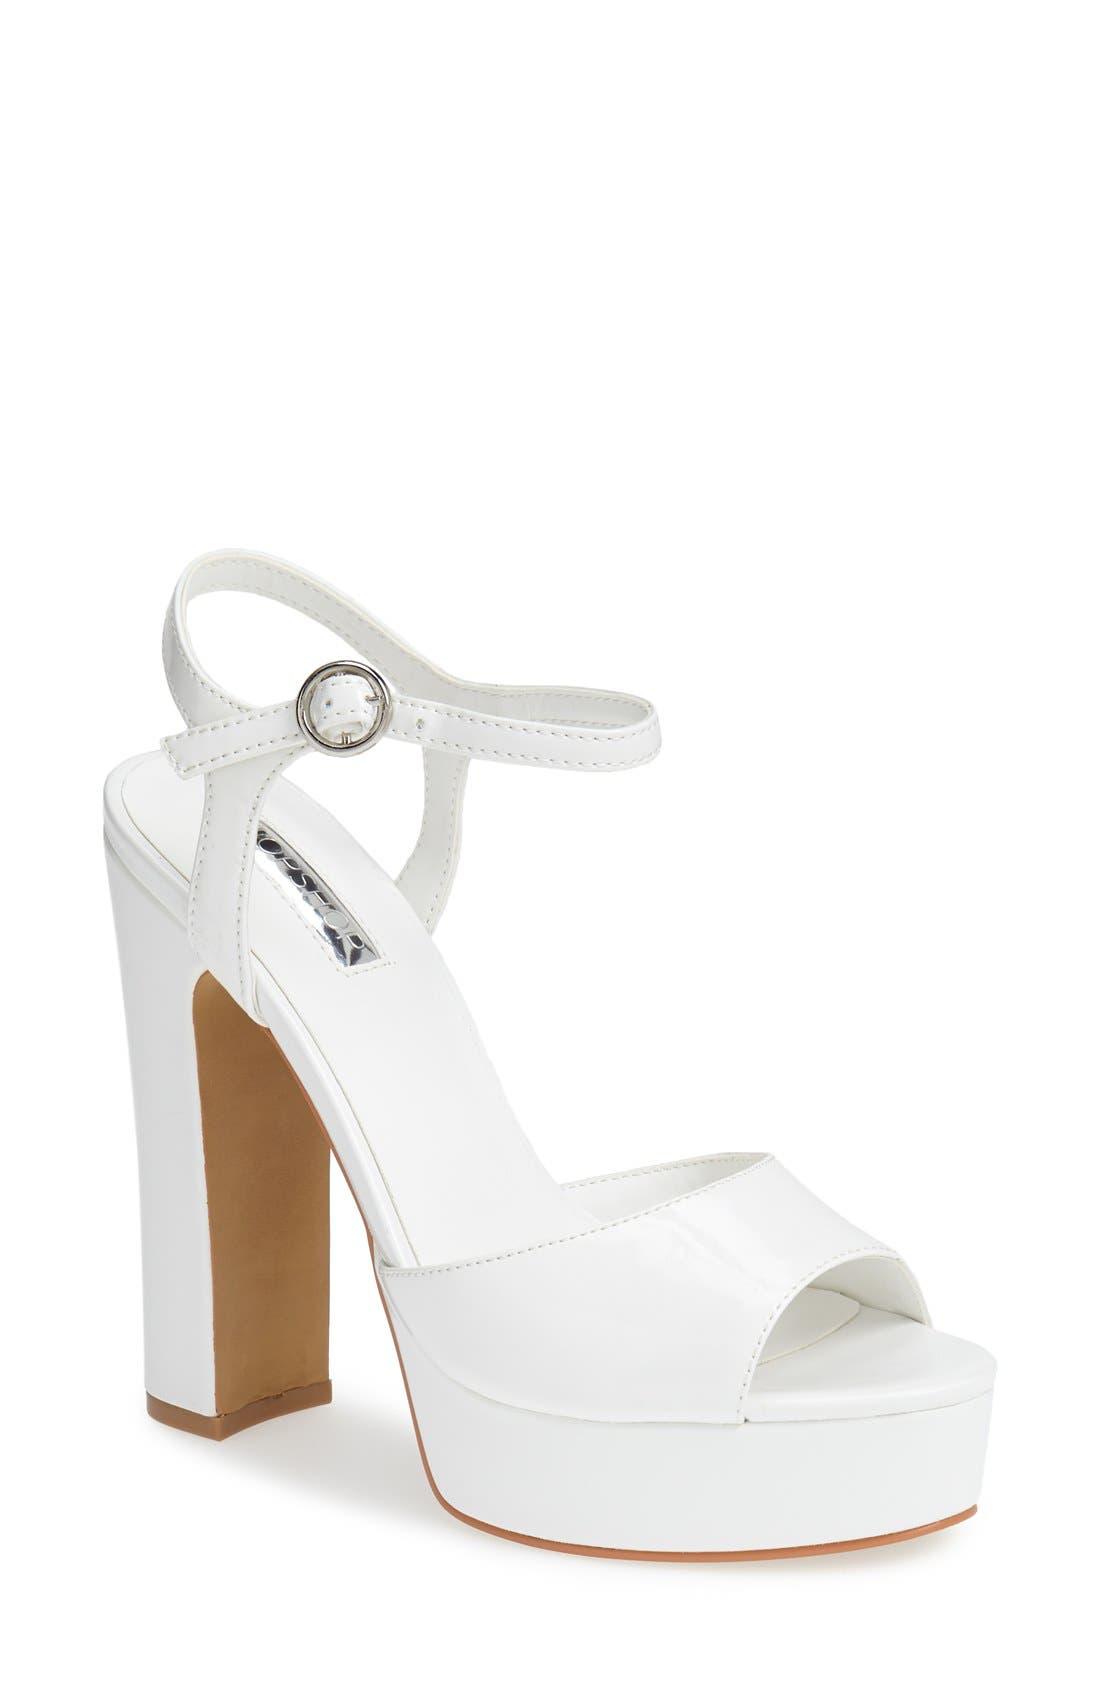 Alternate Image 1 Selected - Topshop 'Luther' Platform Sandal (Women)